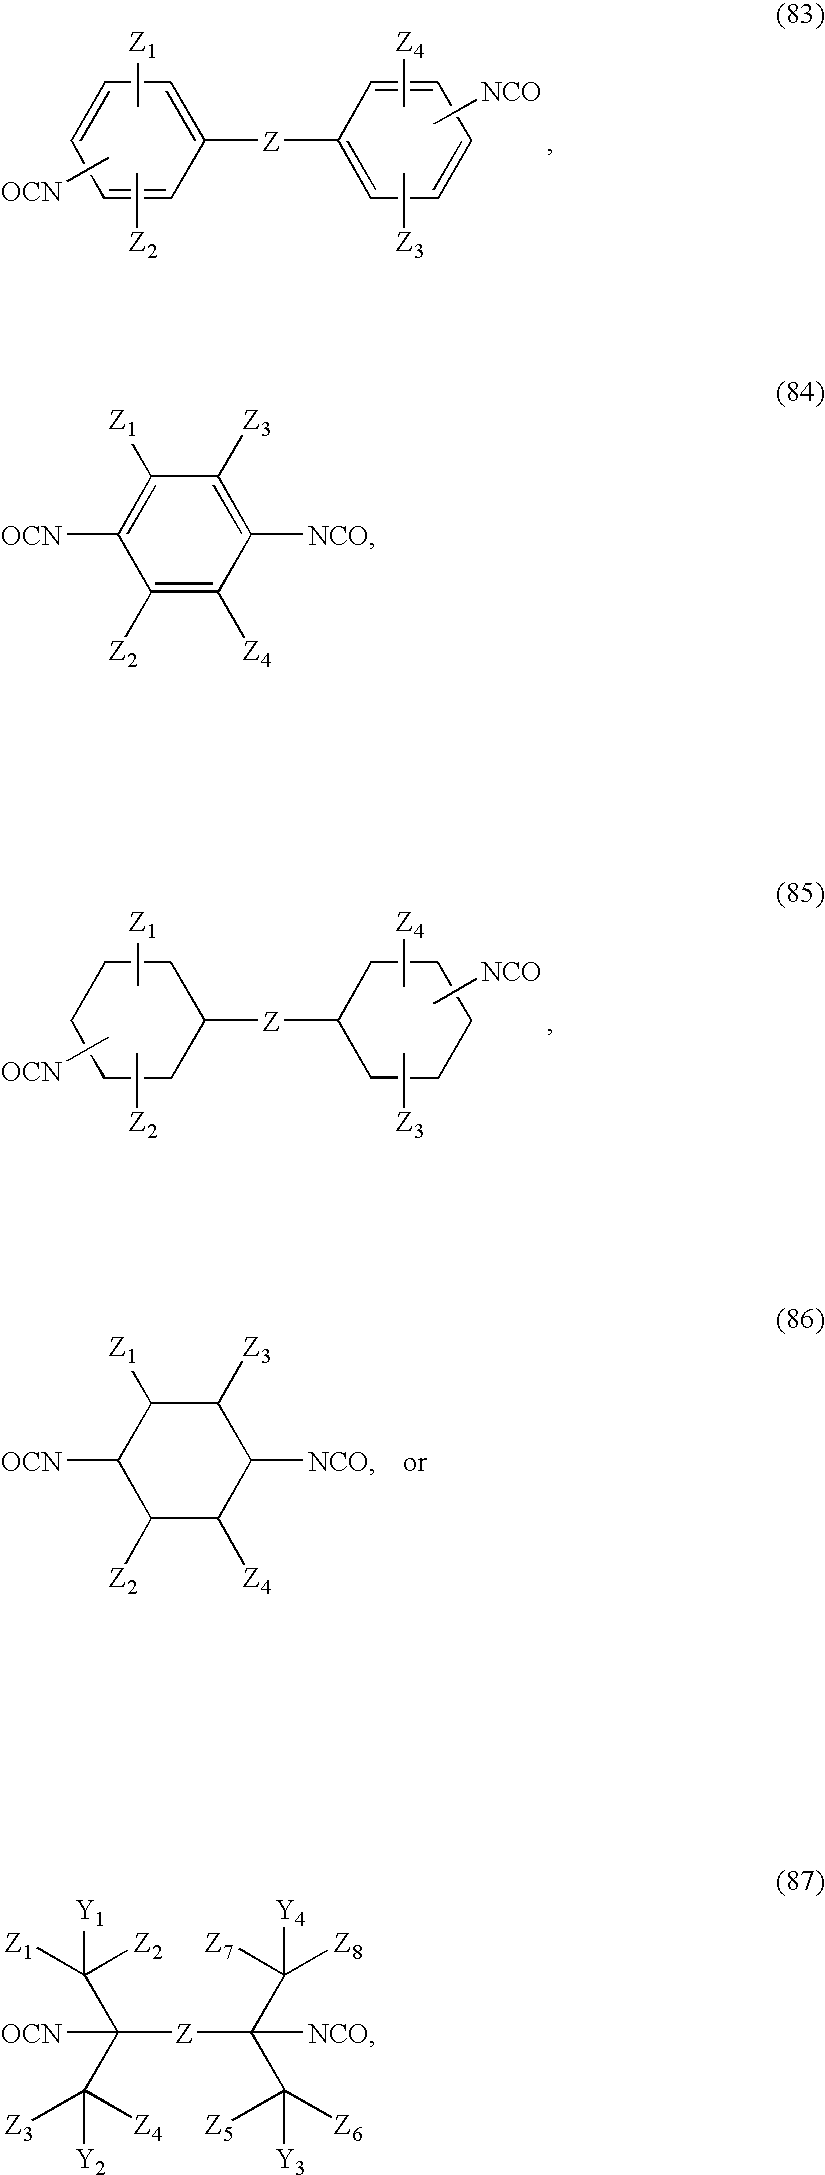 Figure US20050004325A1-20050106-C00050